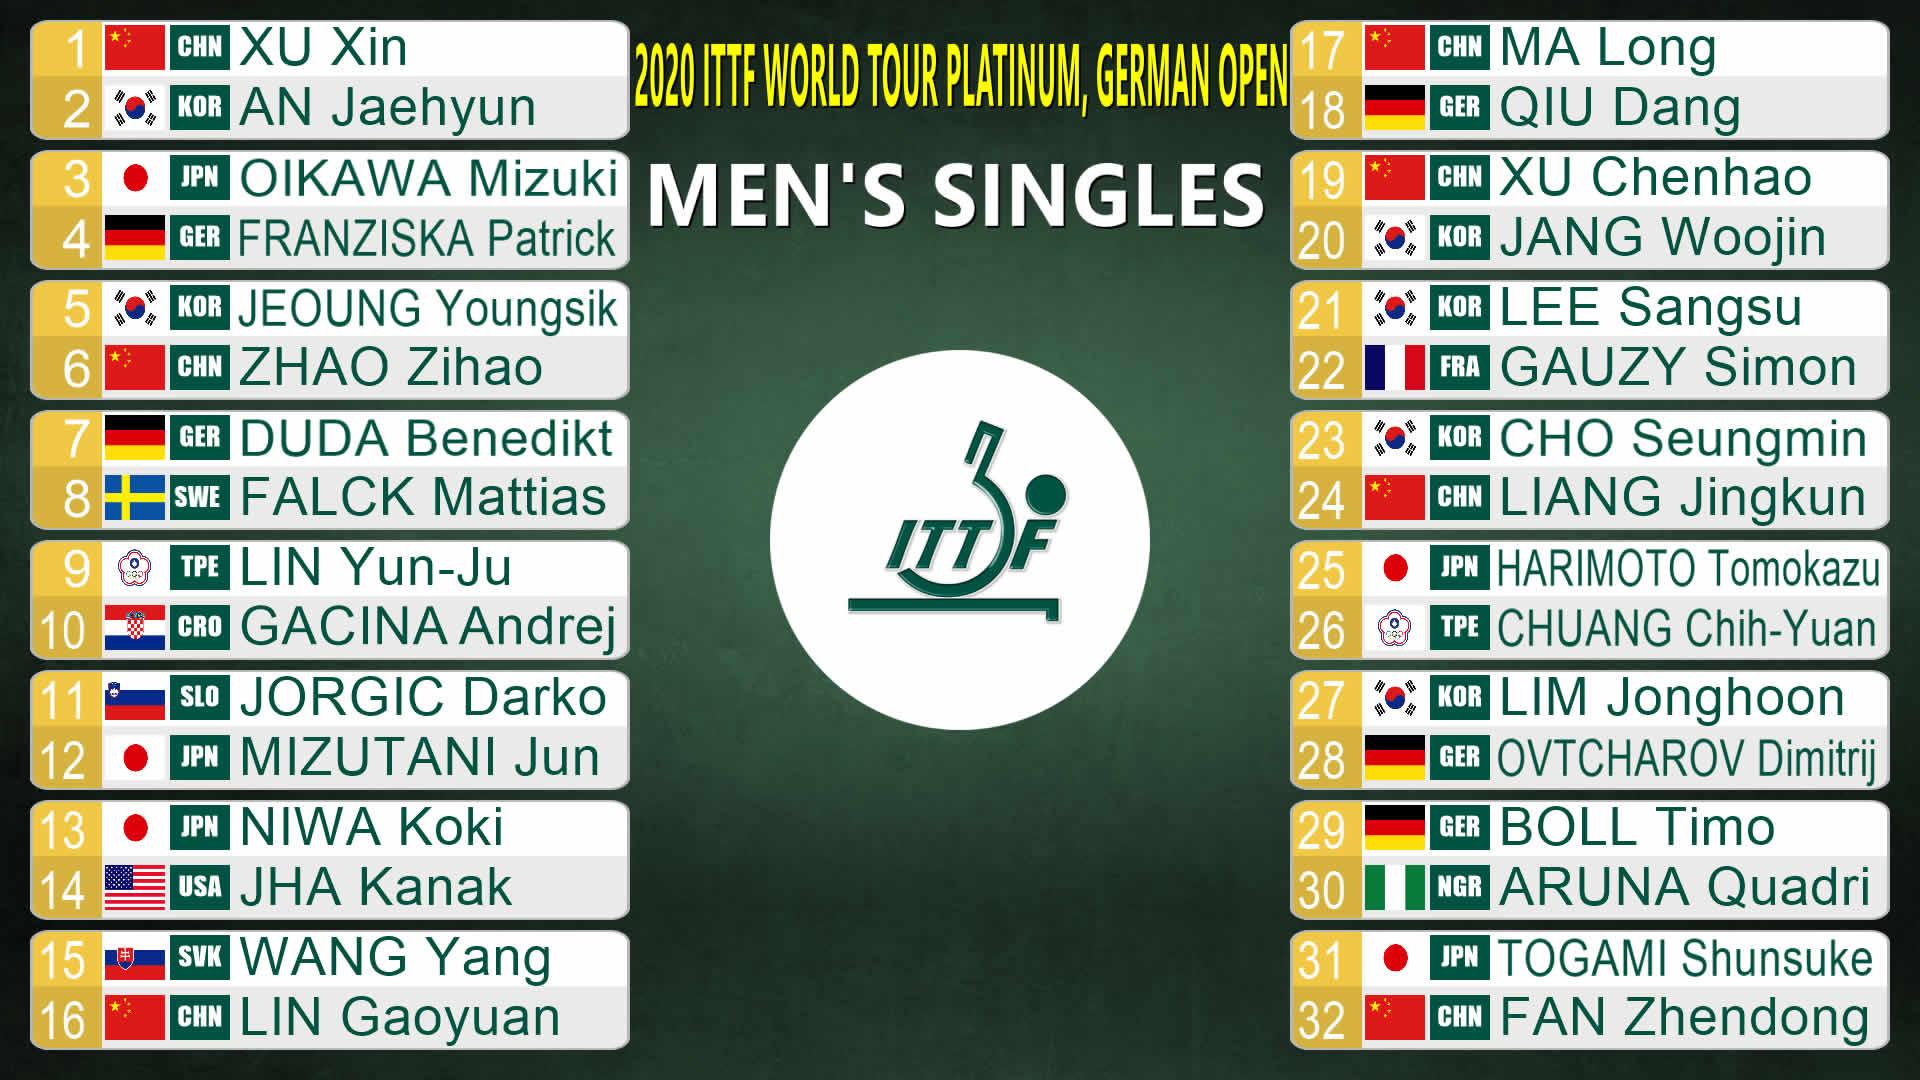 ドイツオープン男子シングルス